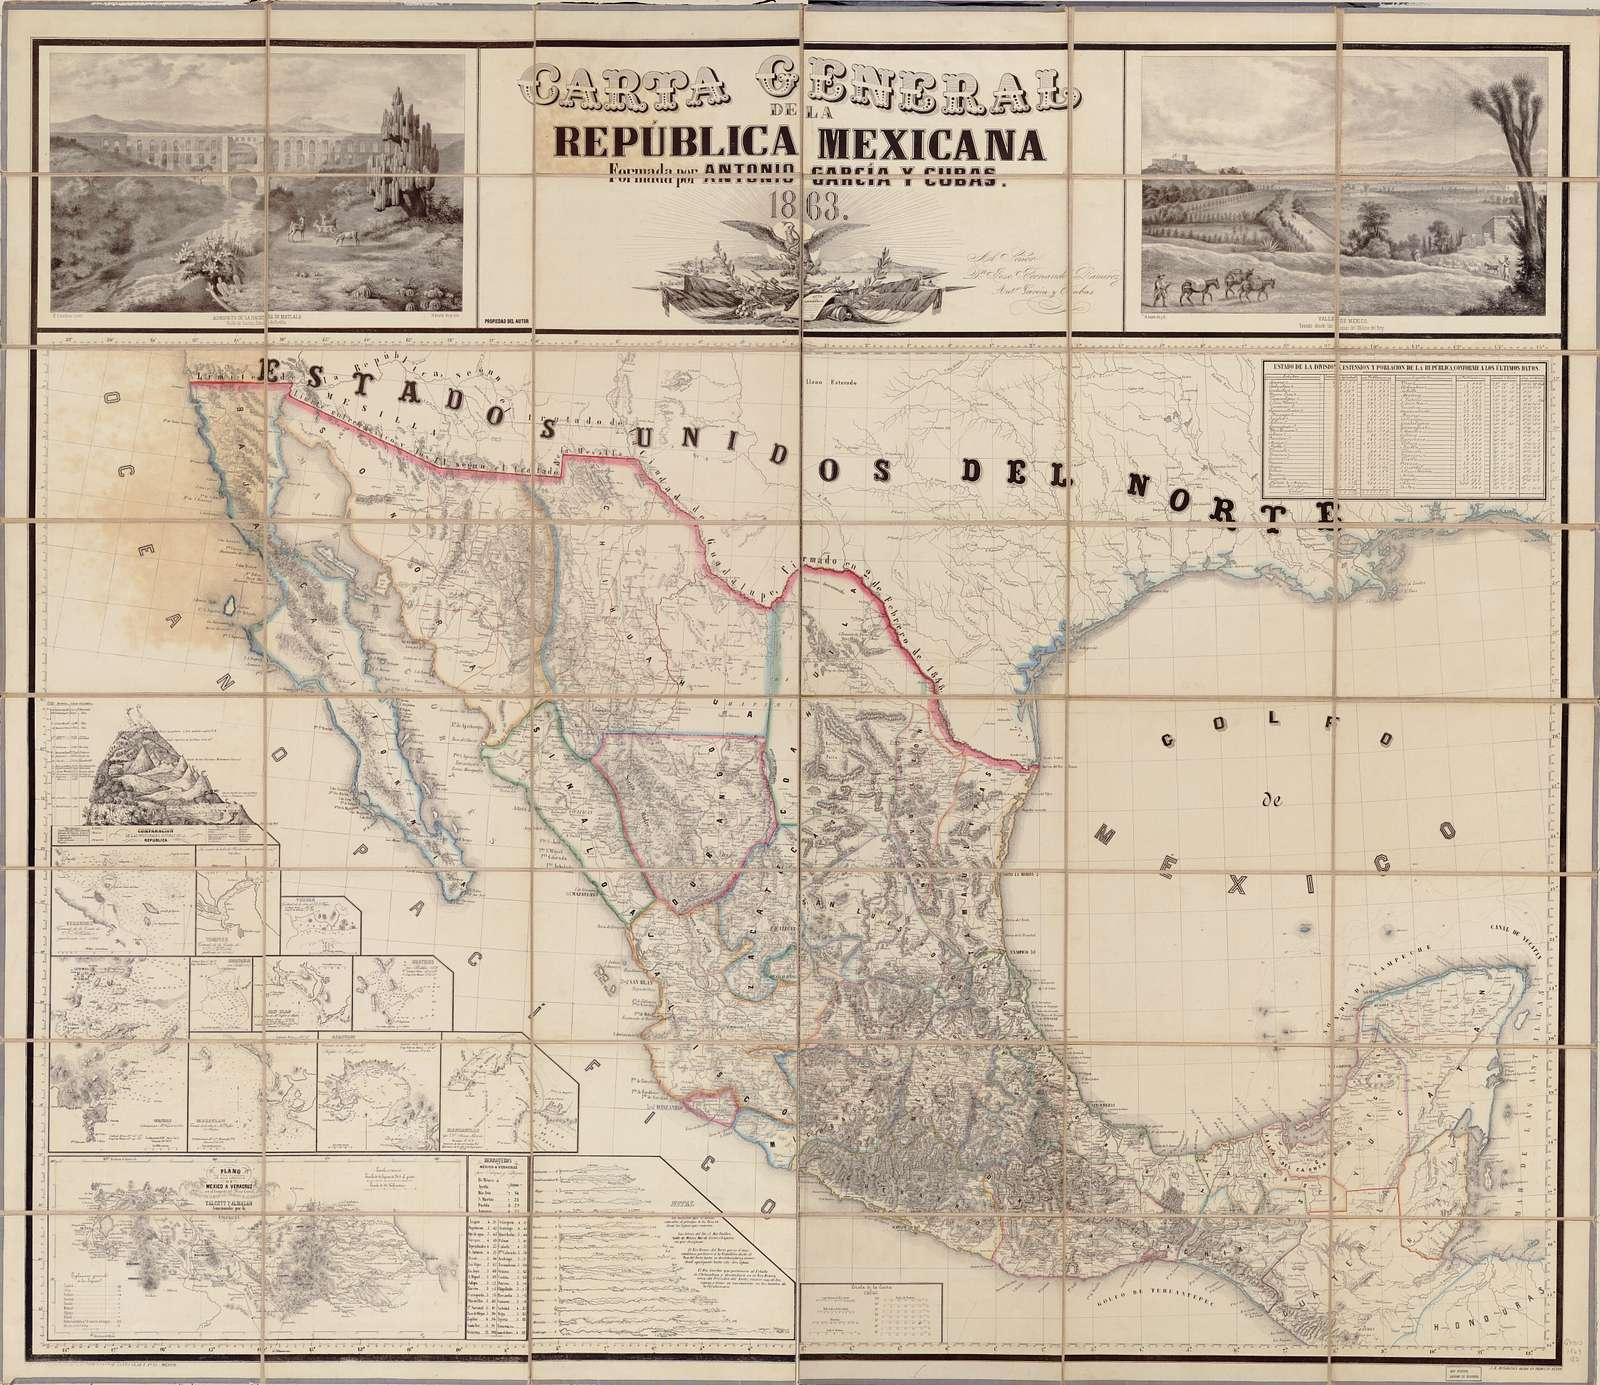 Carta general de la República Mexicana.